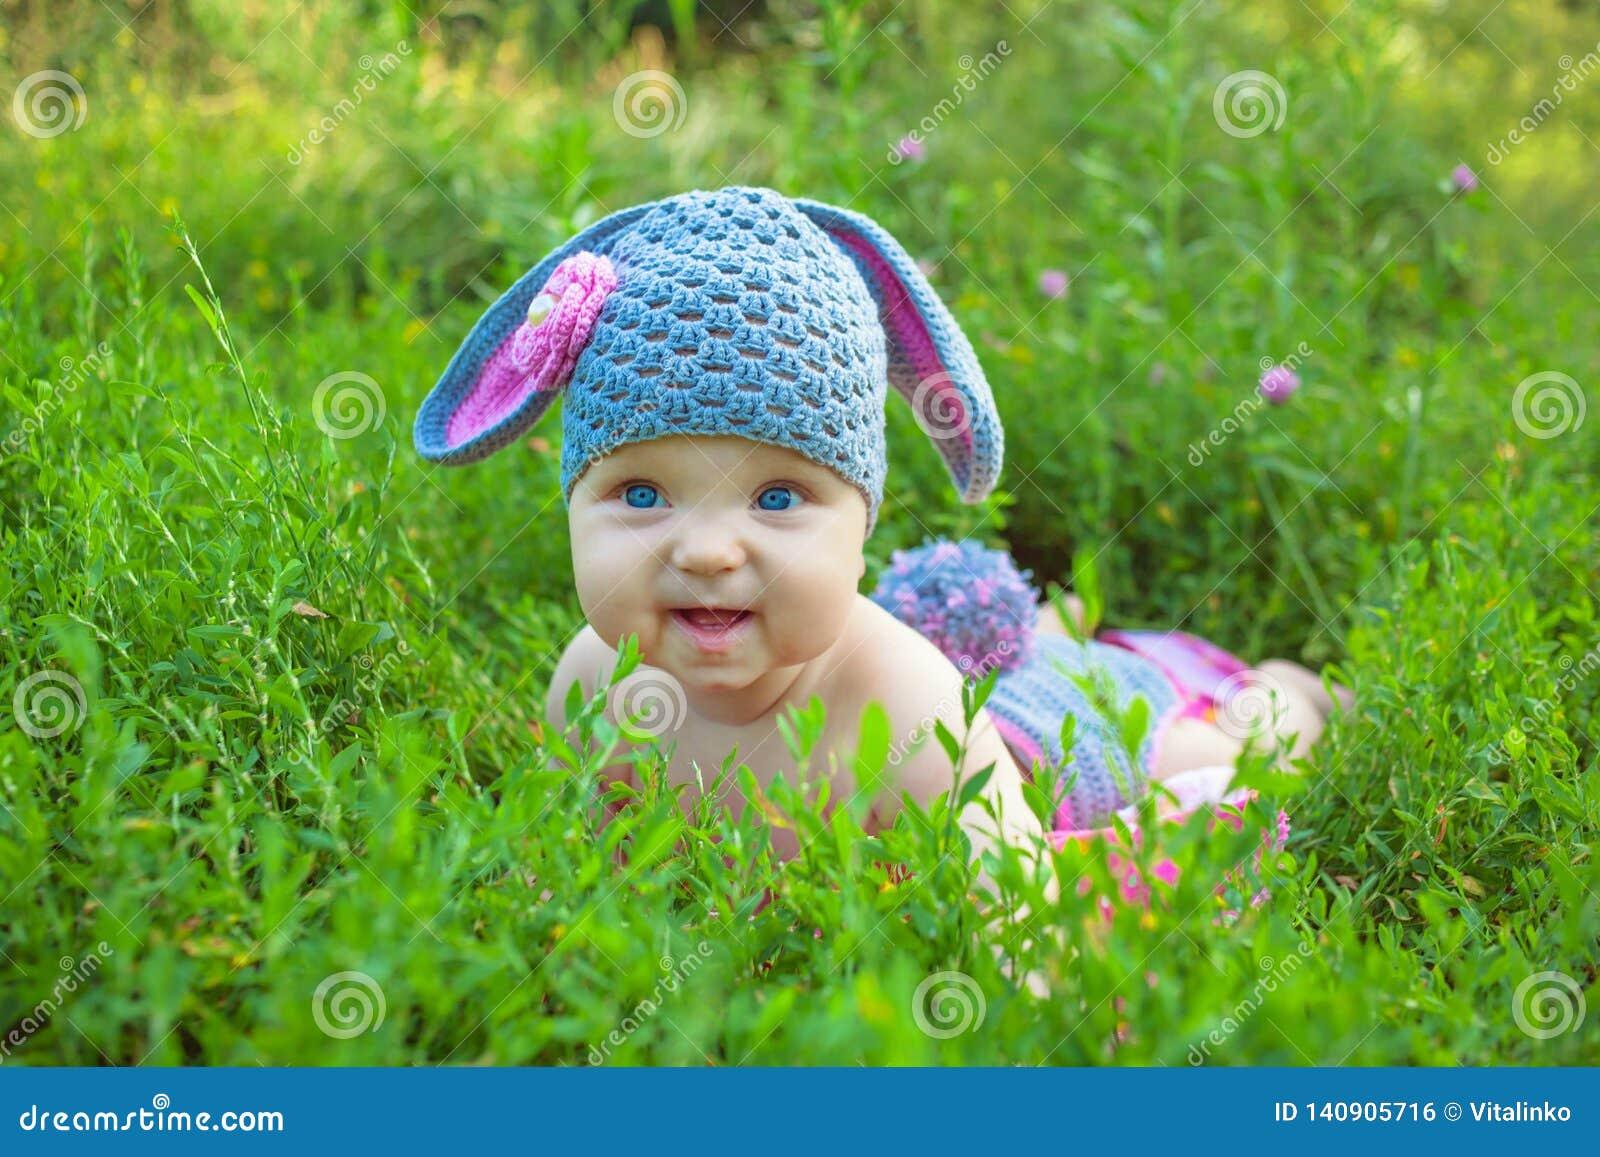 Uśmiechnięty dziecko dzieciak pozuje jak Wielkanocny królik